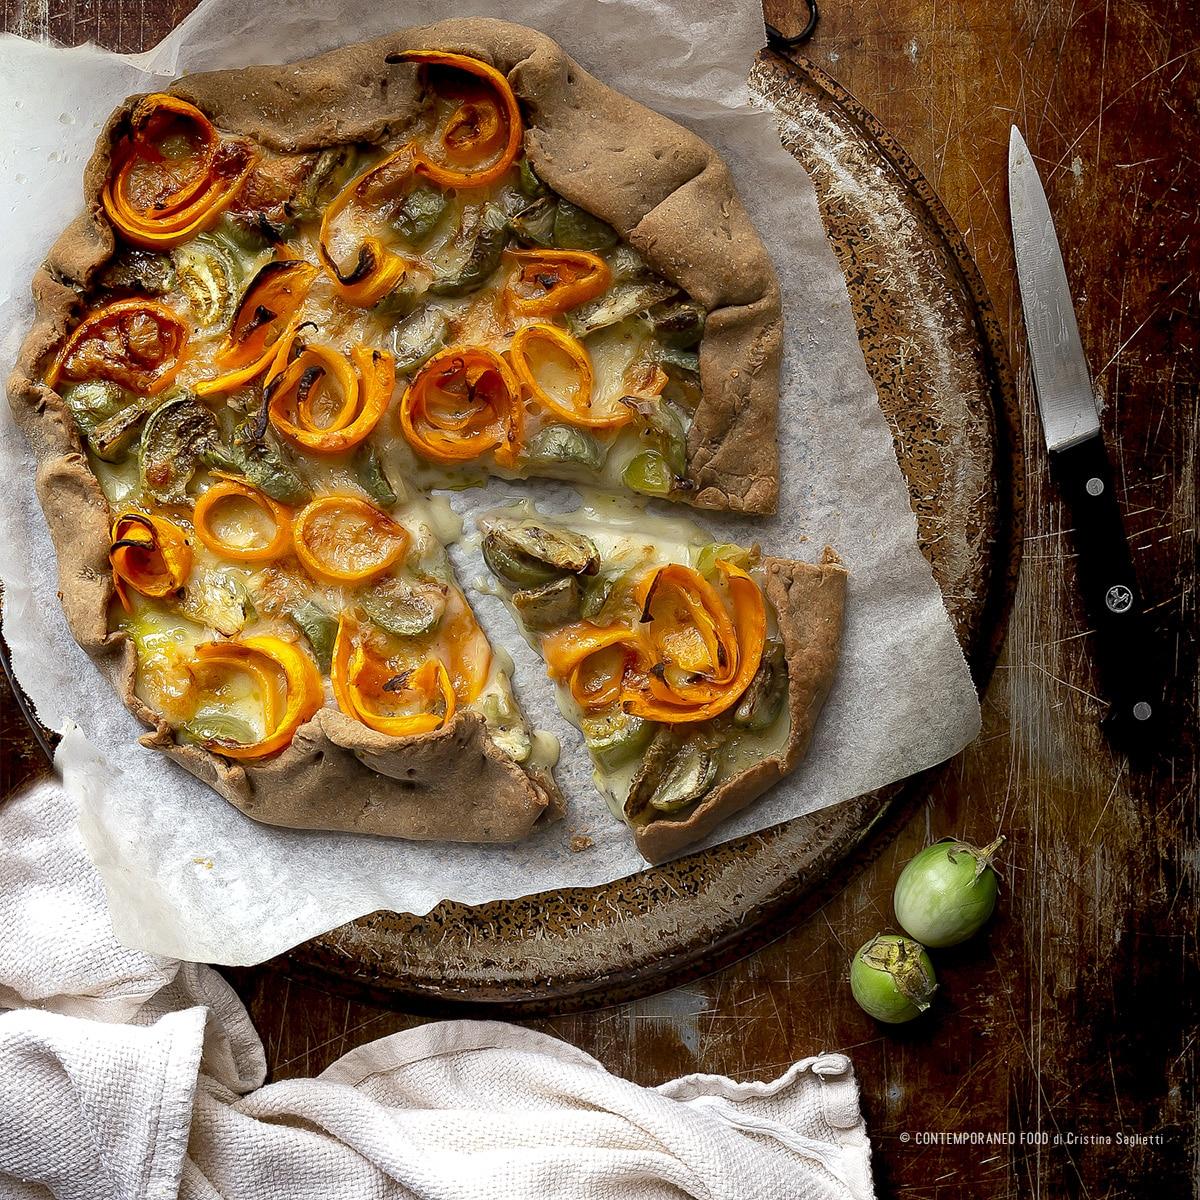 torta-salata-con-brisé-alla farina-di-farro-castagne-con-melanzane-verdi-carote-taleggio-farine-alternative-ricetta-contemporaneo-food